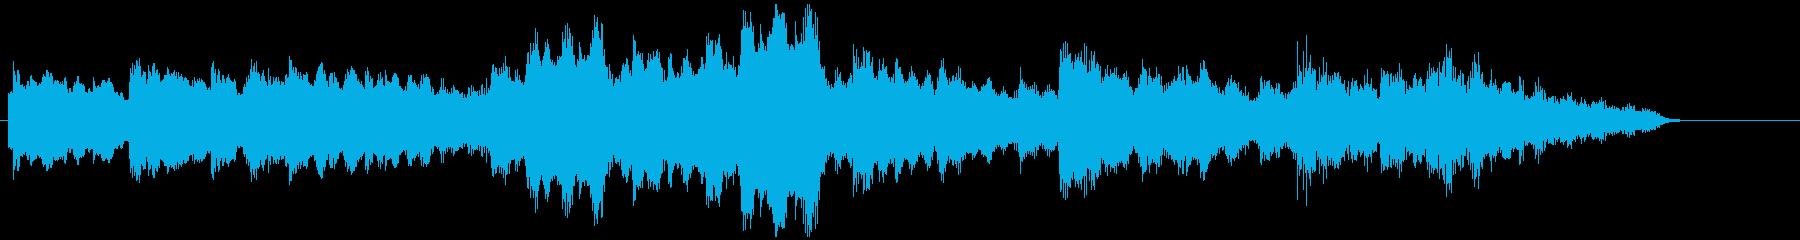 可愛らしいエレクトリックピアノの再生済みの波形